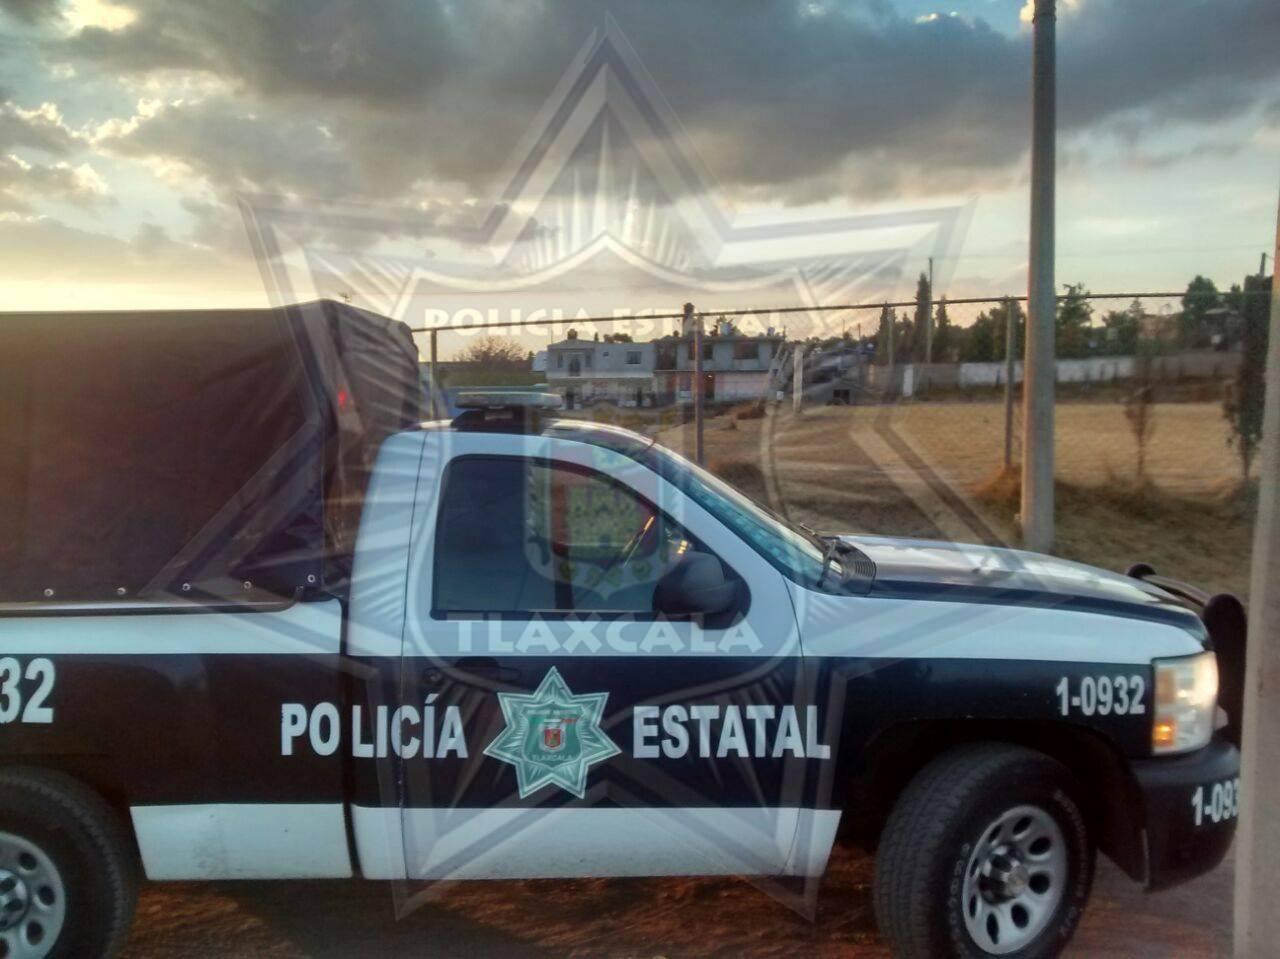 Con una buena coordinación entre cuerpos policiales se dan buenos resultados: CES